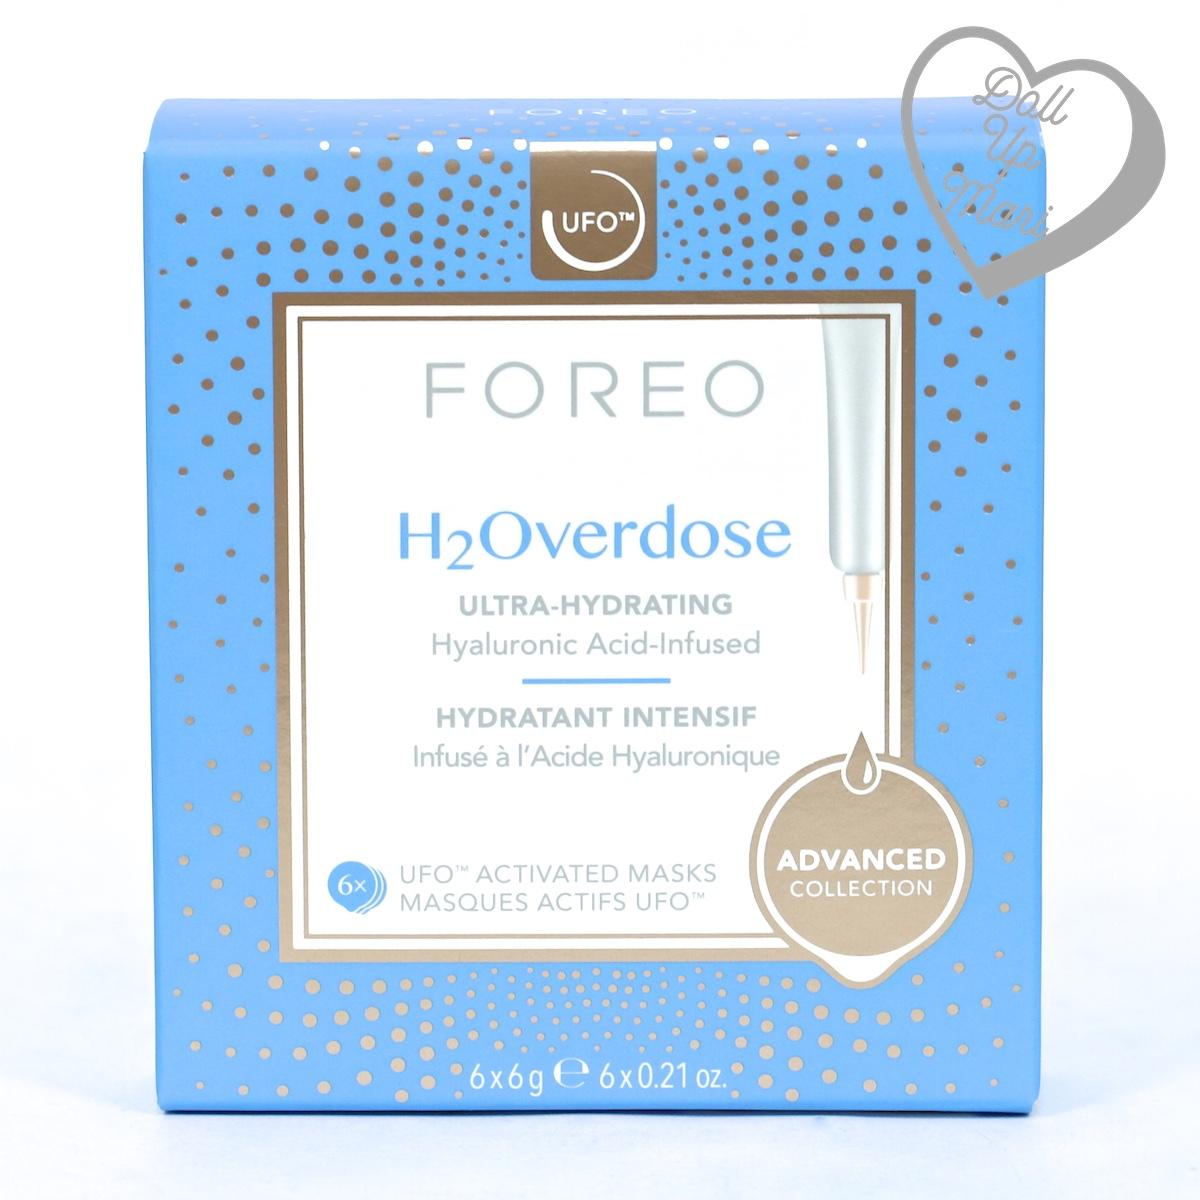 FOREO H2Overdose Masks FOREO UFO Smart Mask Device